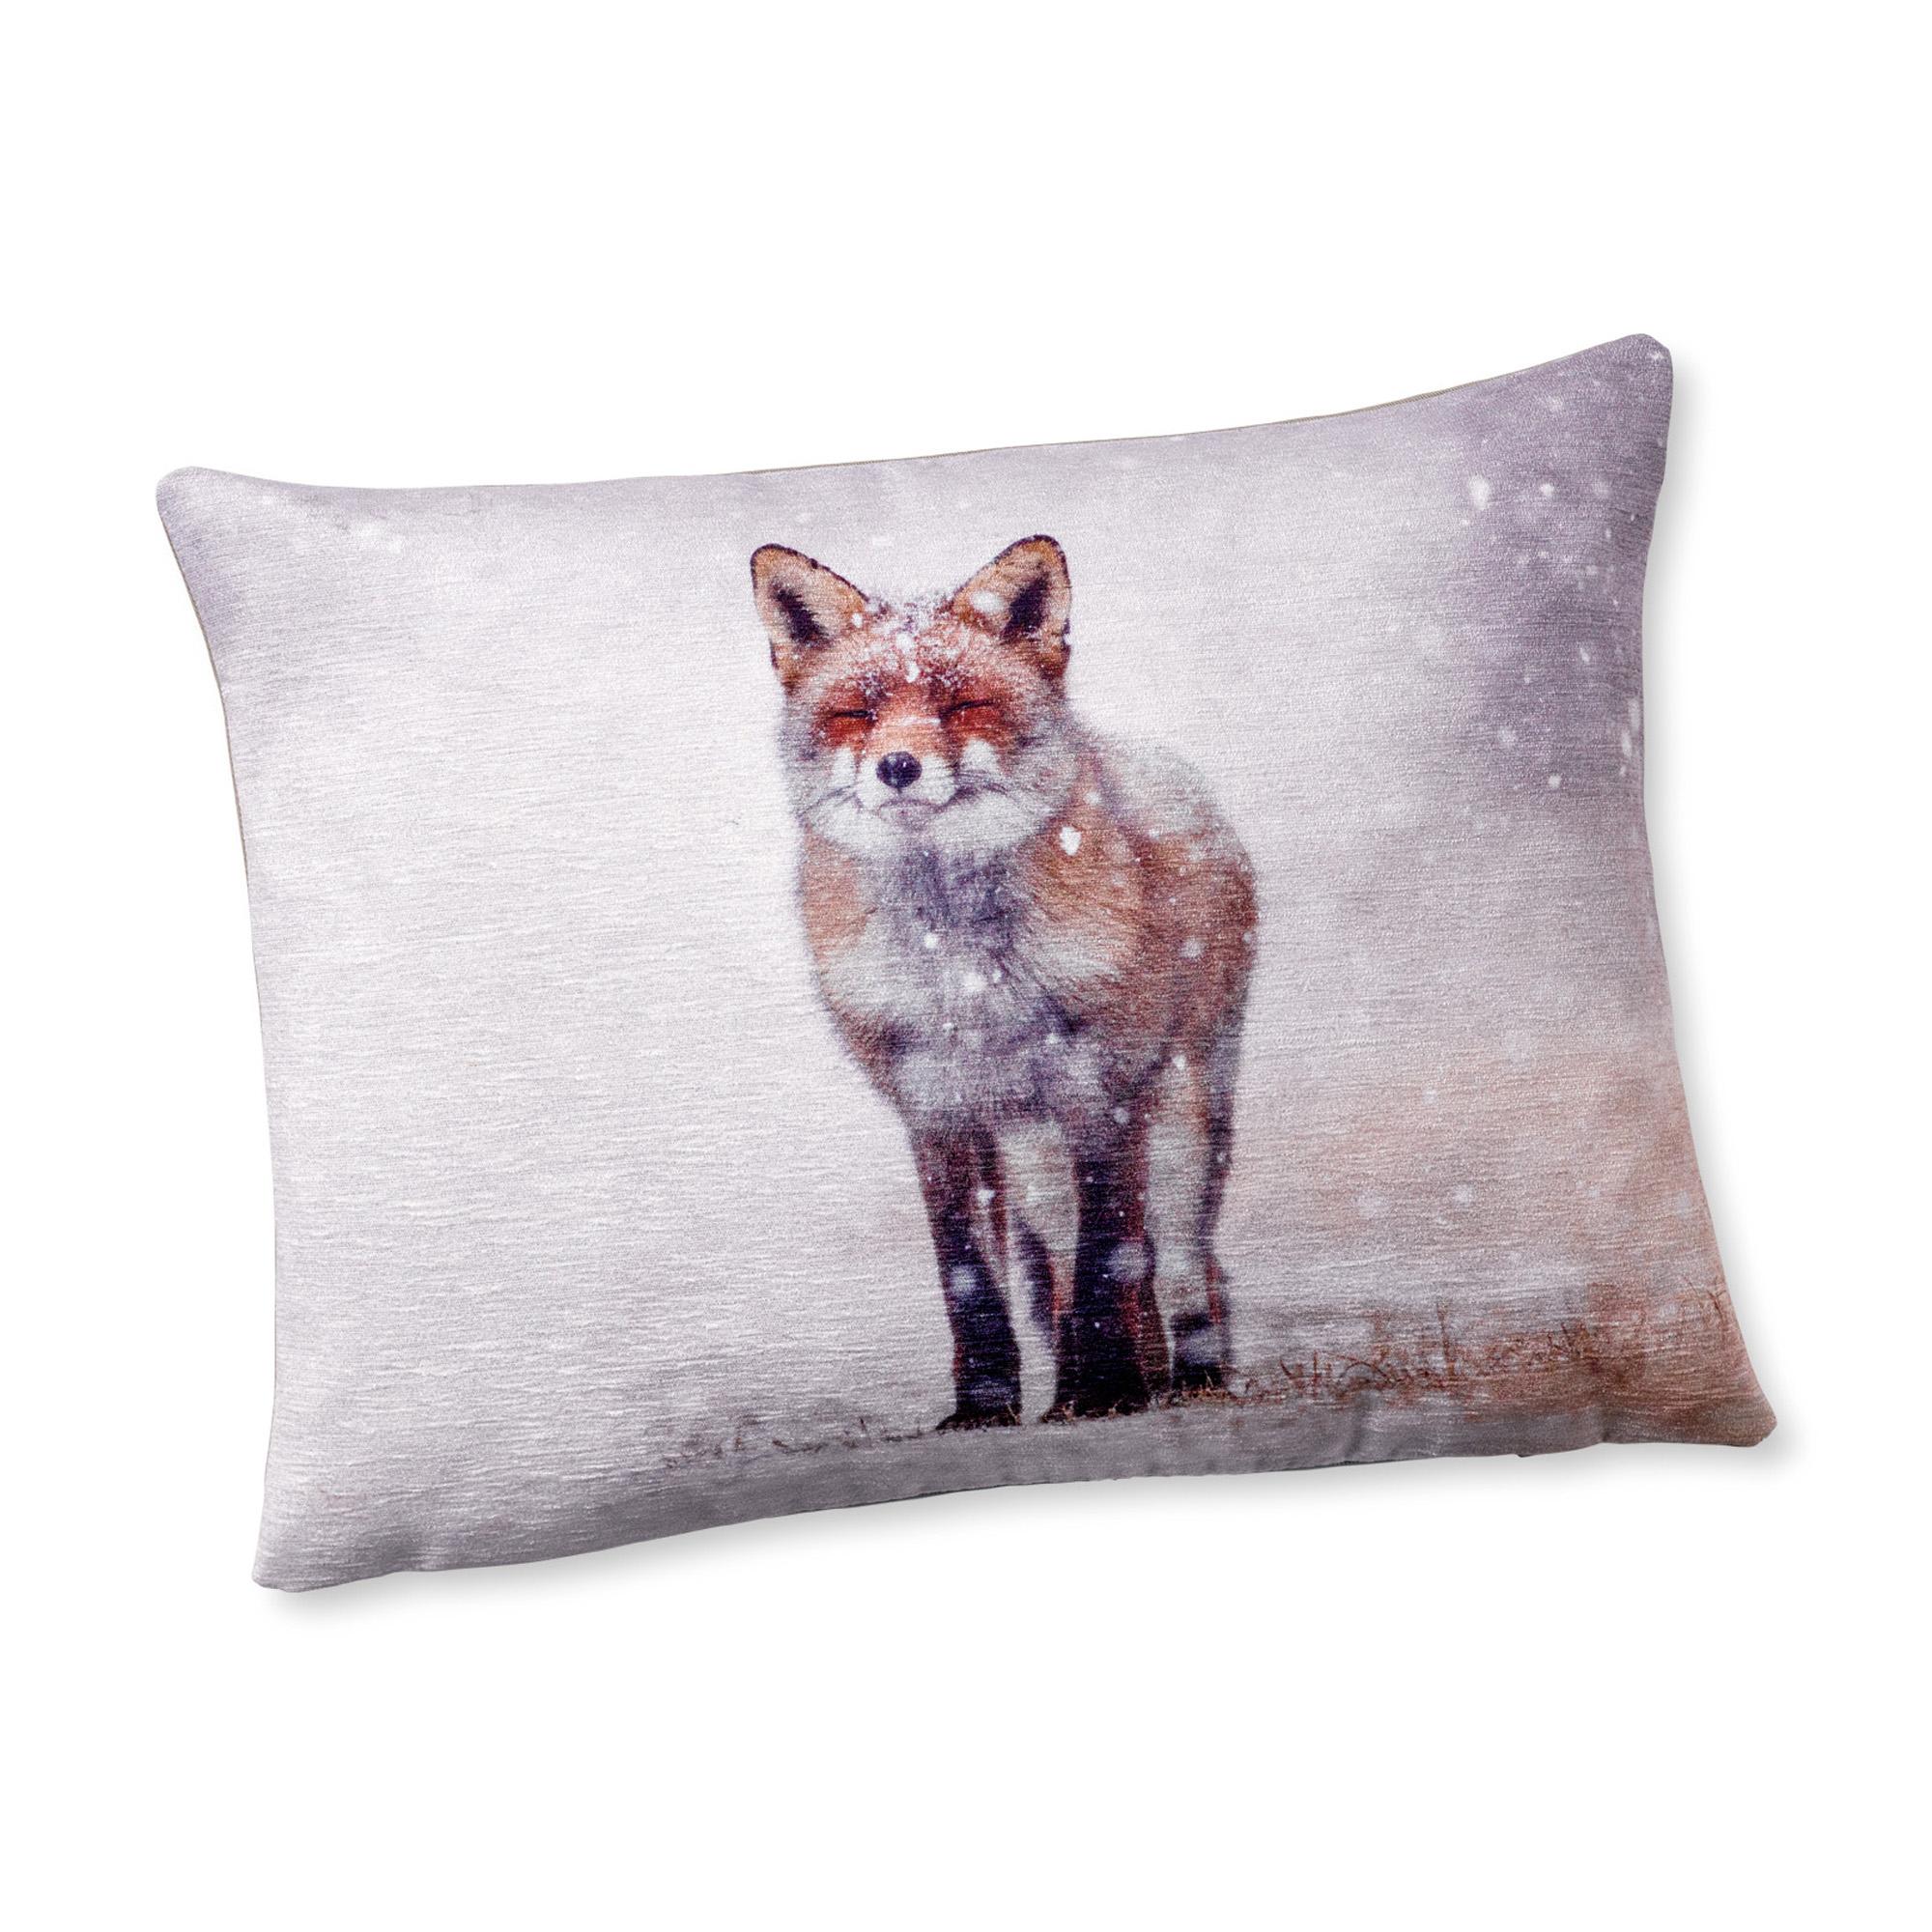 Throw Pillows Home : Animal Designs Decorative Pillows Decor Gump s